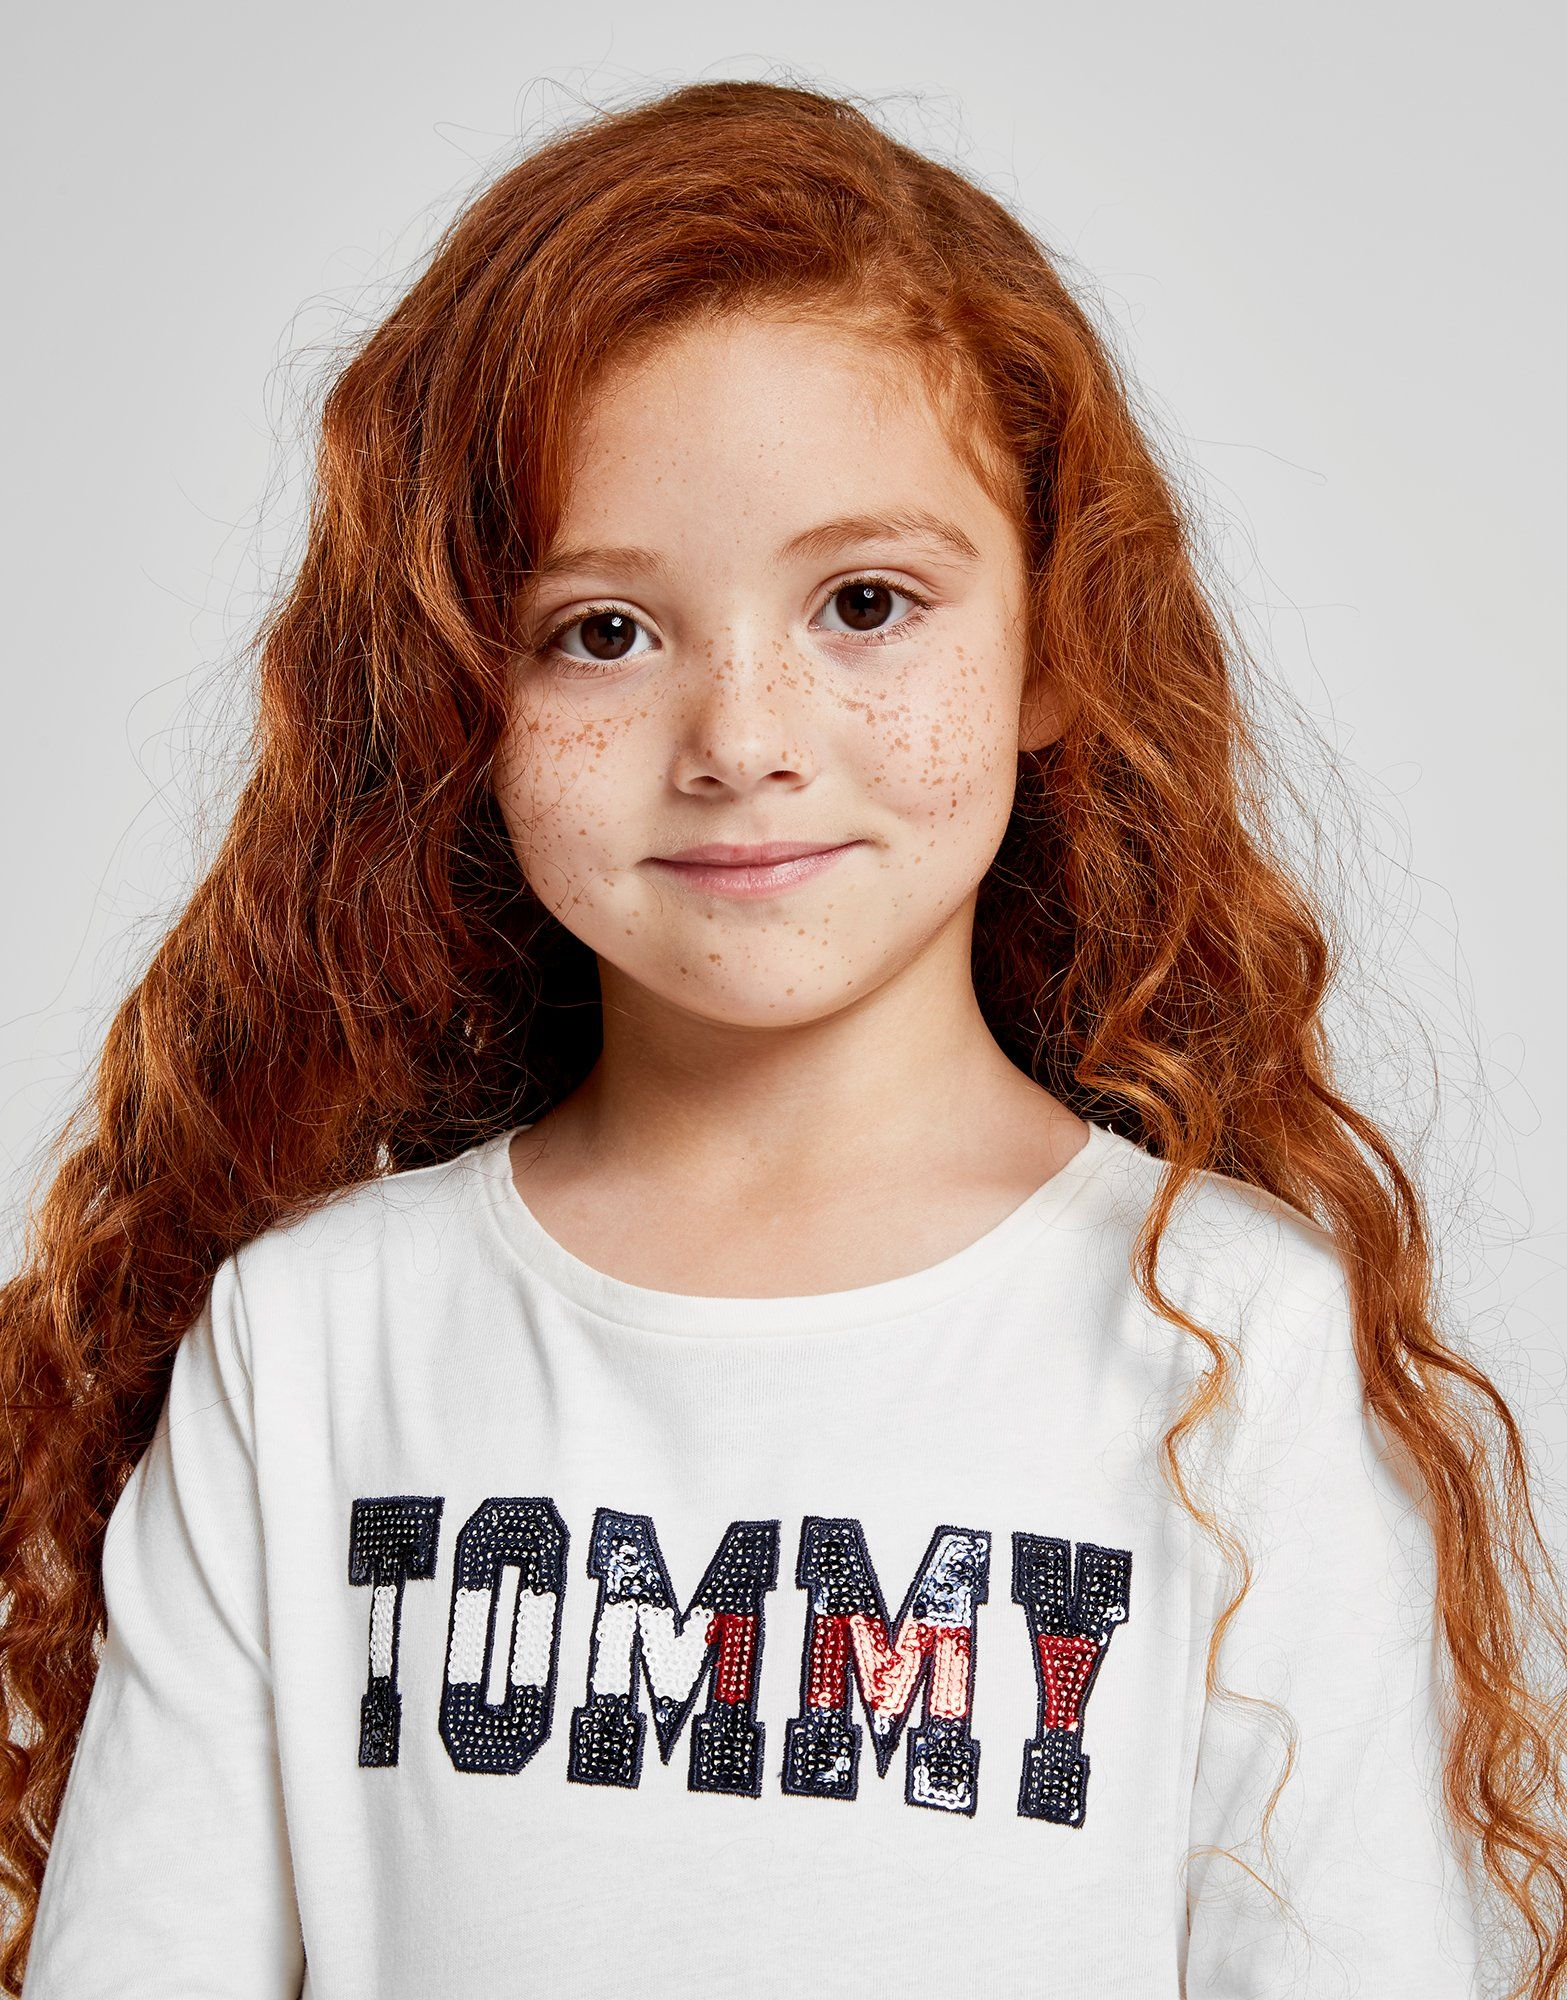 Tommy Hilfiger Girls' Essential Sequin Logo T-Shirt Children